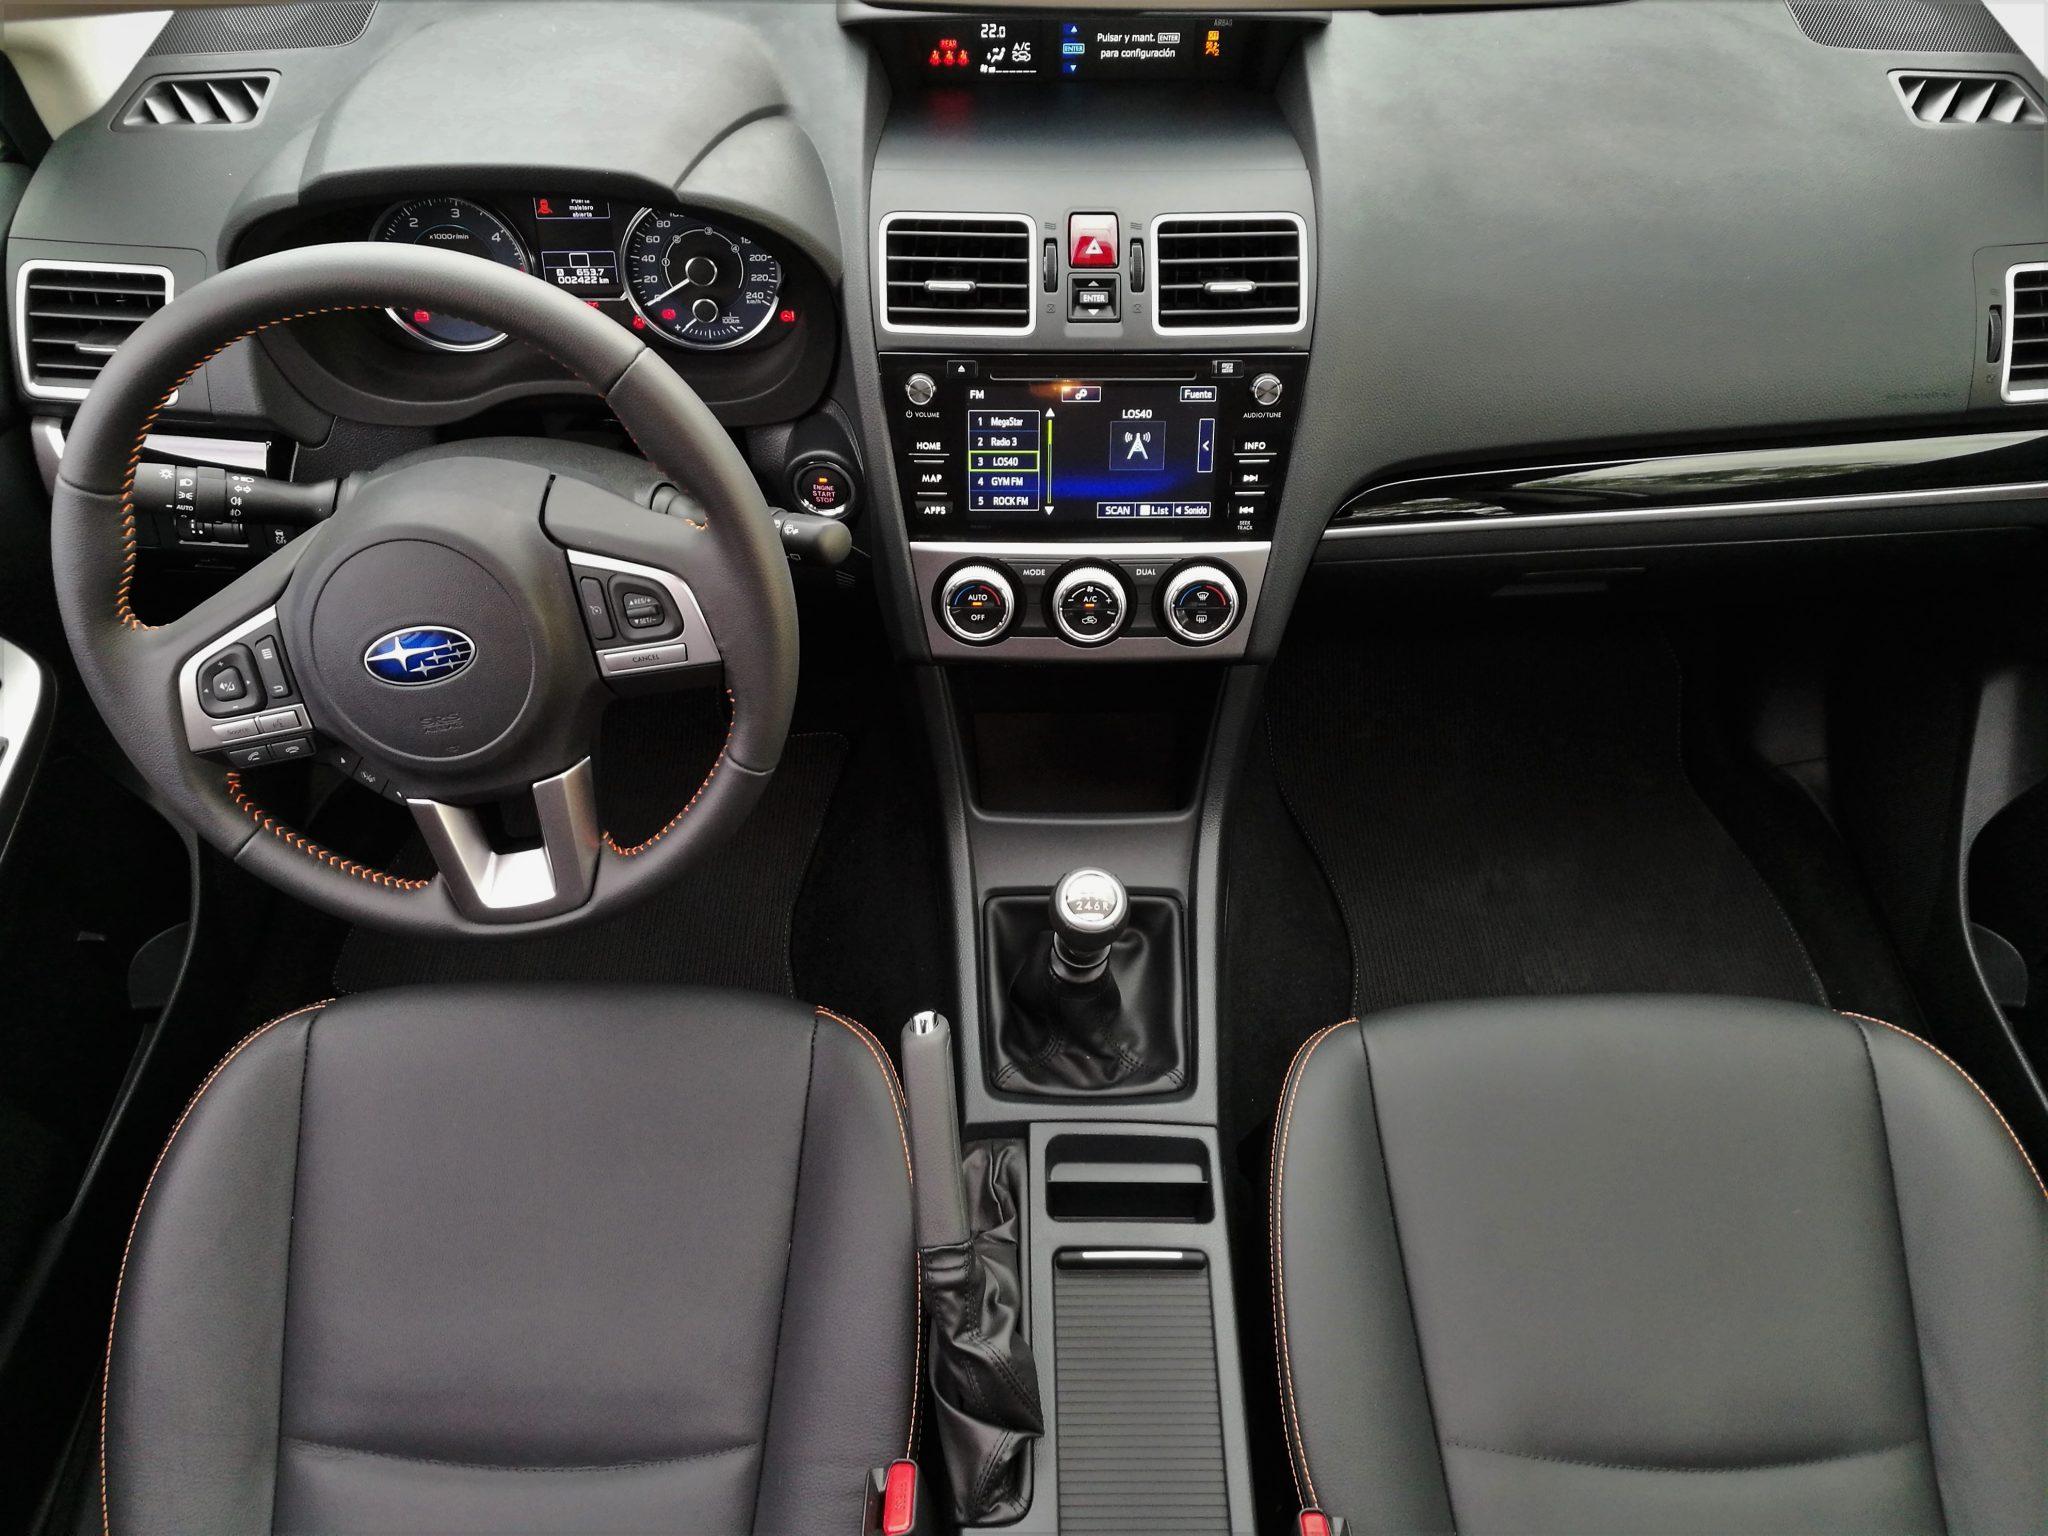 subaru xv boxer diesel interior desde el techo car and gas. Black Bedroom Furniture Sets. Home Design Ideas